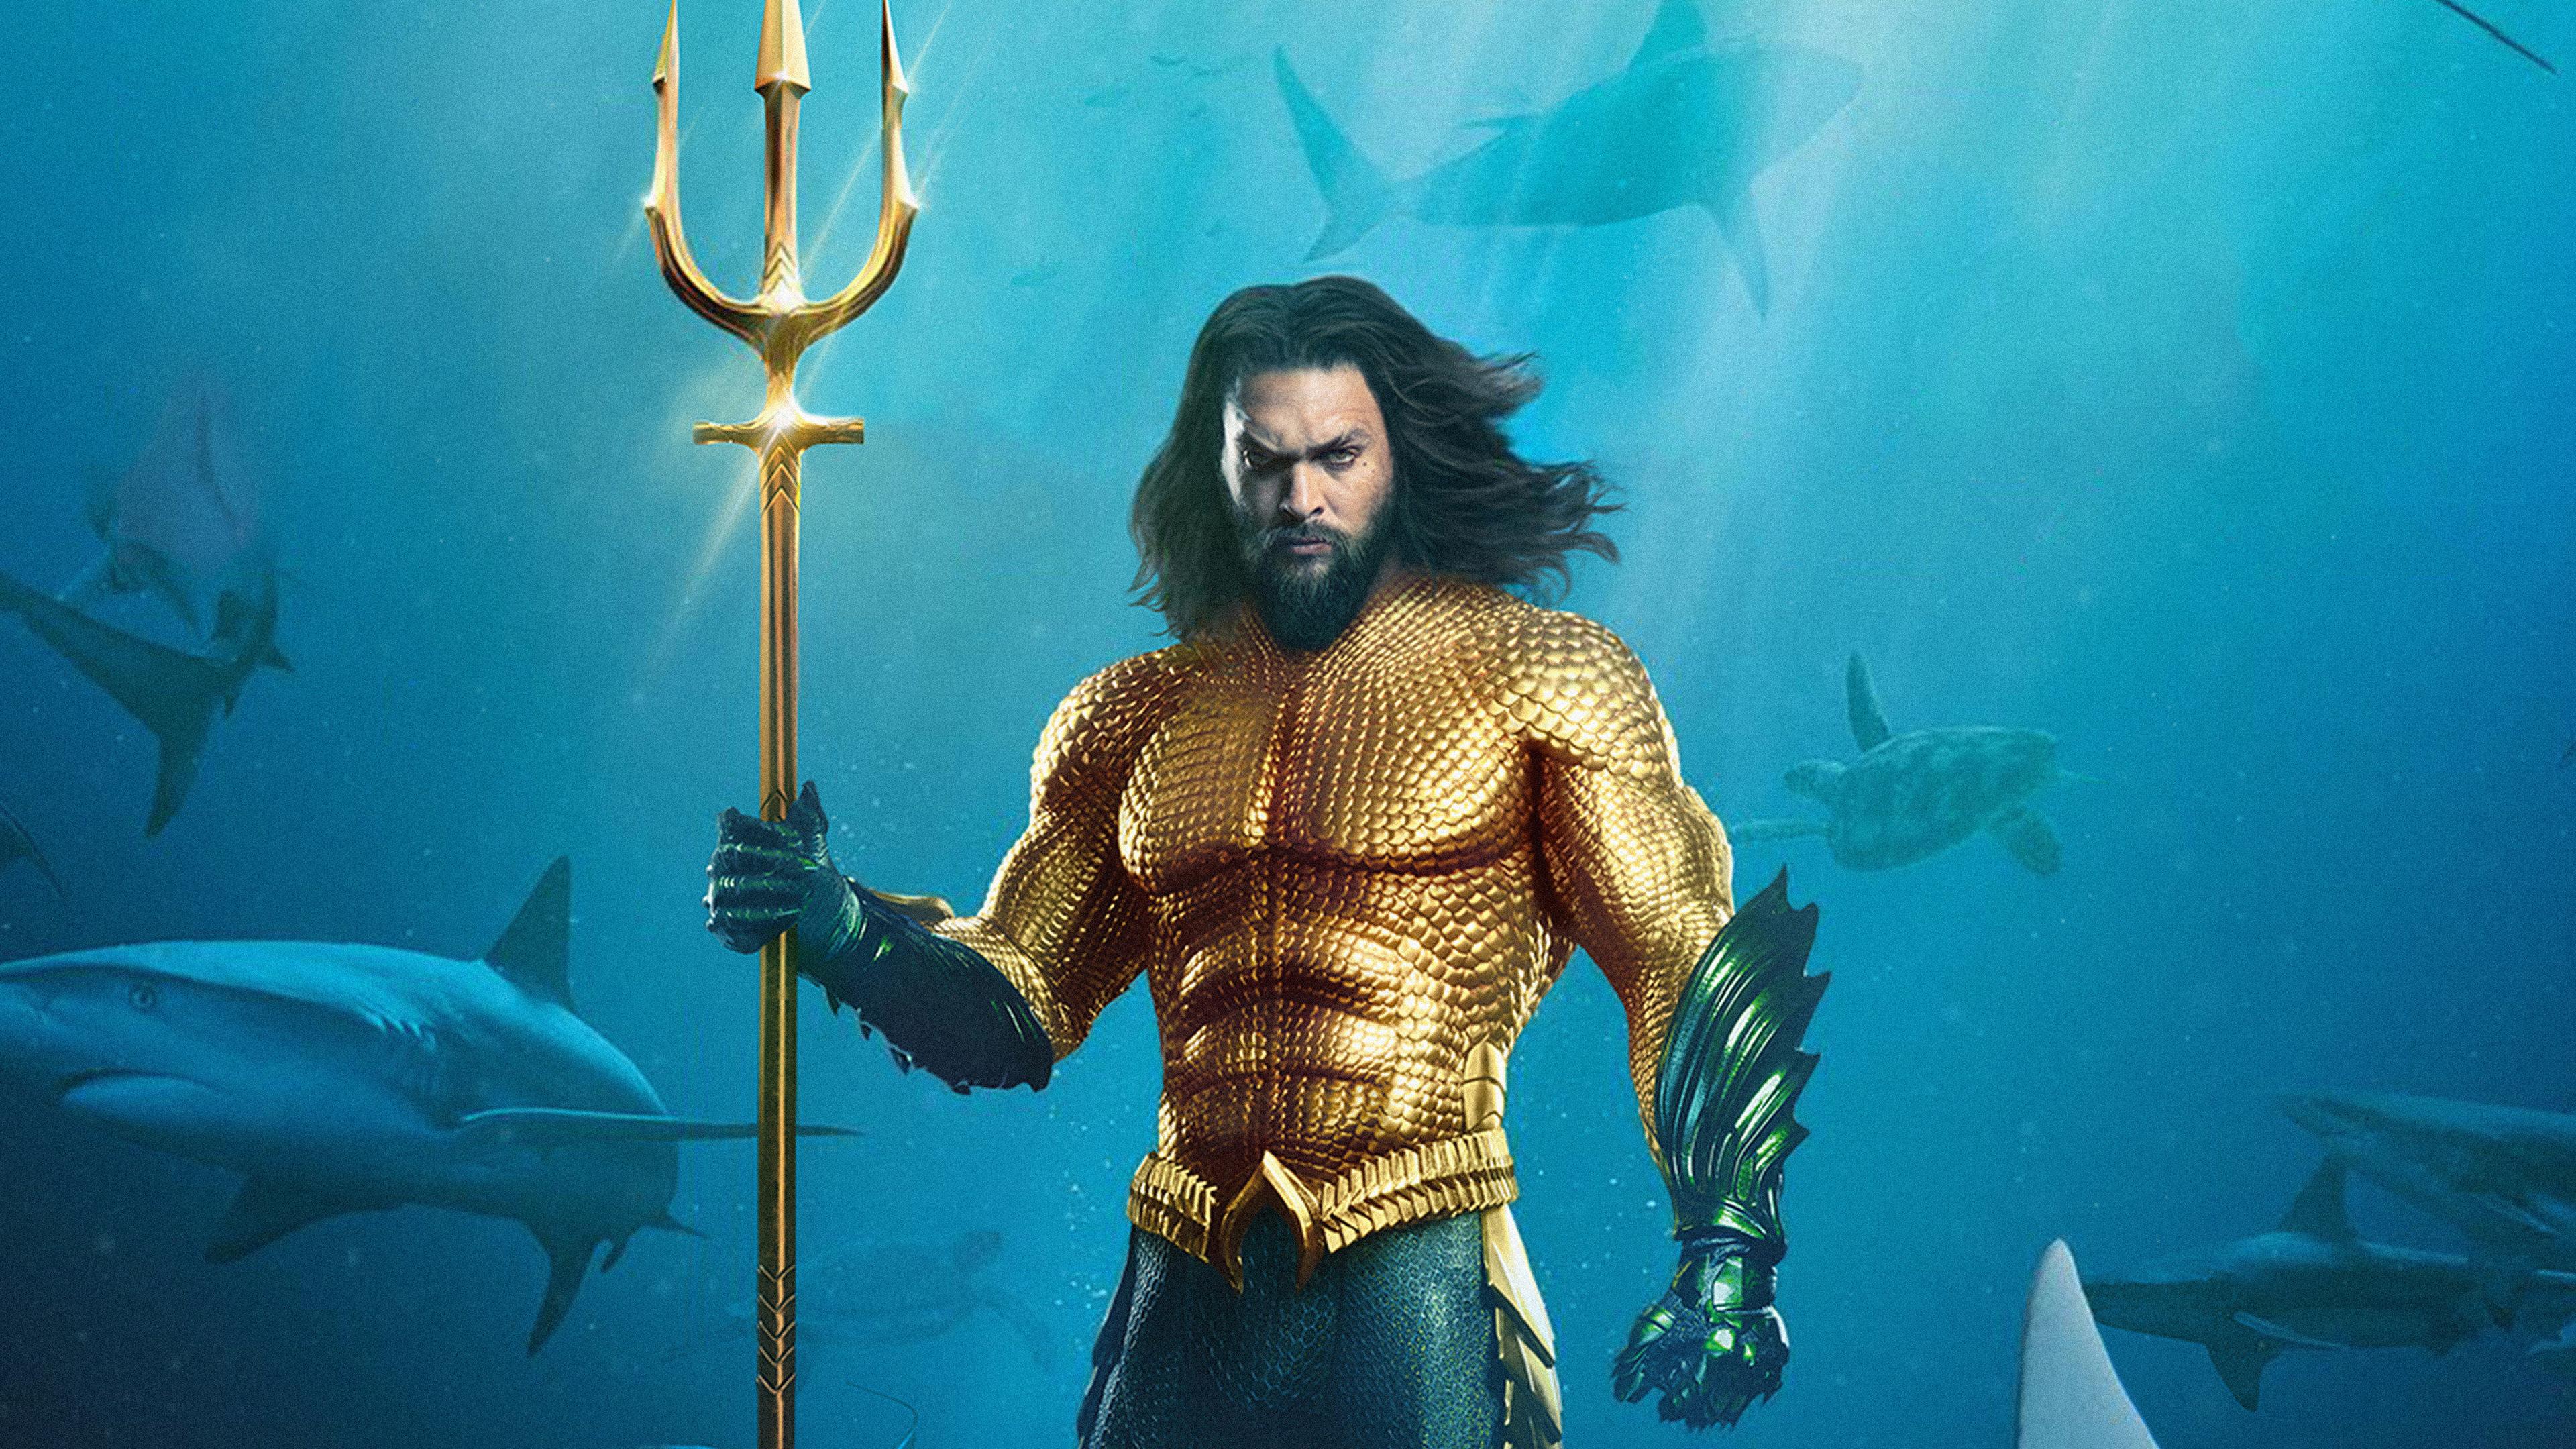 aquaman 4k 1555208703 - Aquaman  4k - movies wallpapers, hd-wallpapers, aquaman wallpapers, 5k wallpapers, 4k-wallpapers, 2018-movies-wallpapers